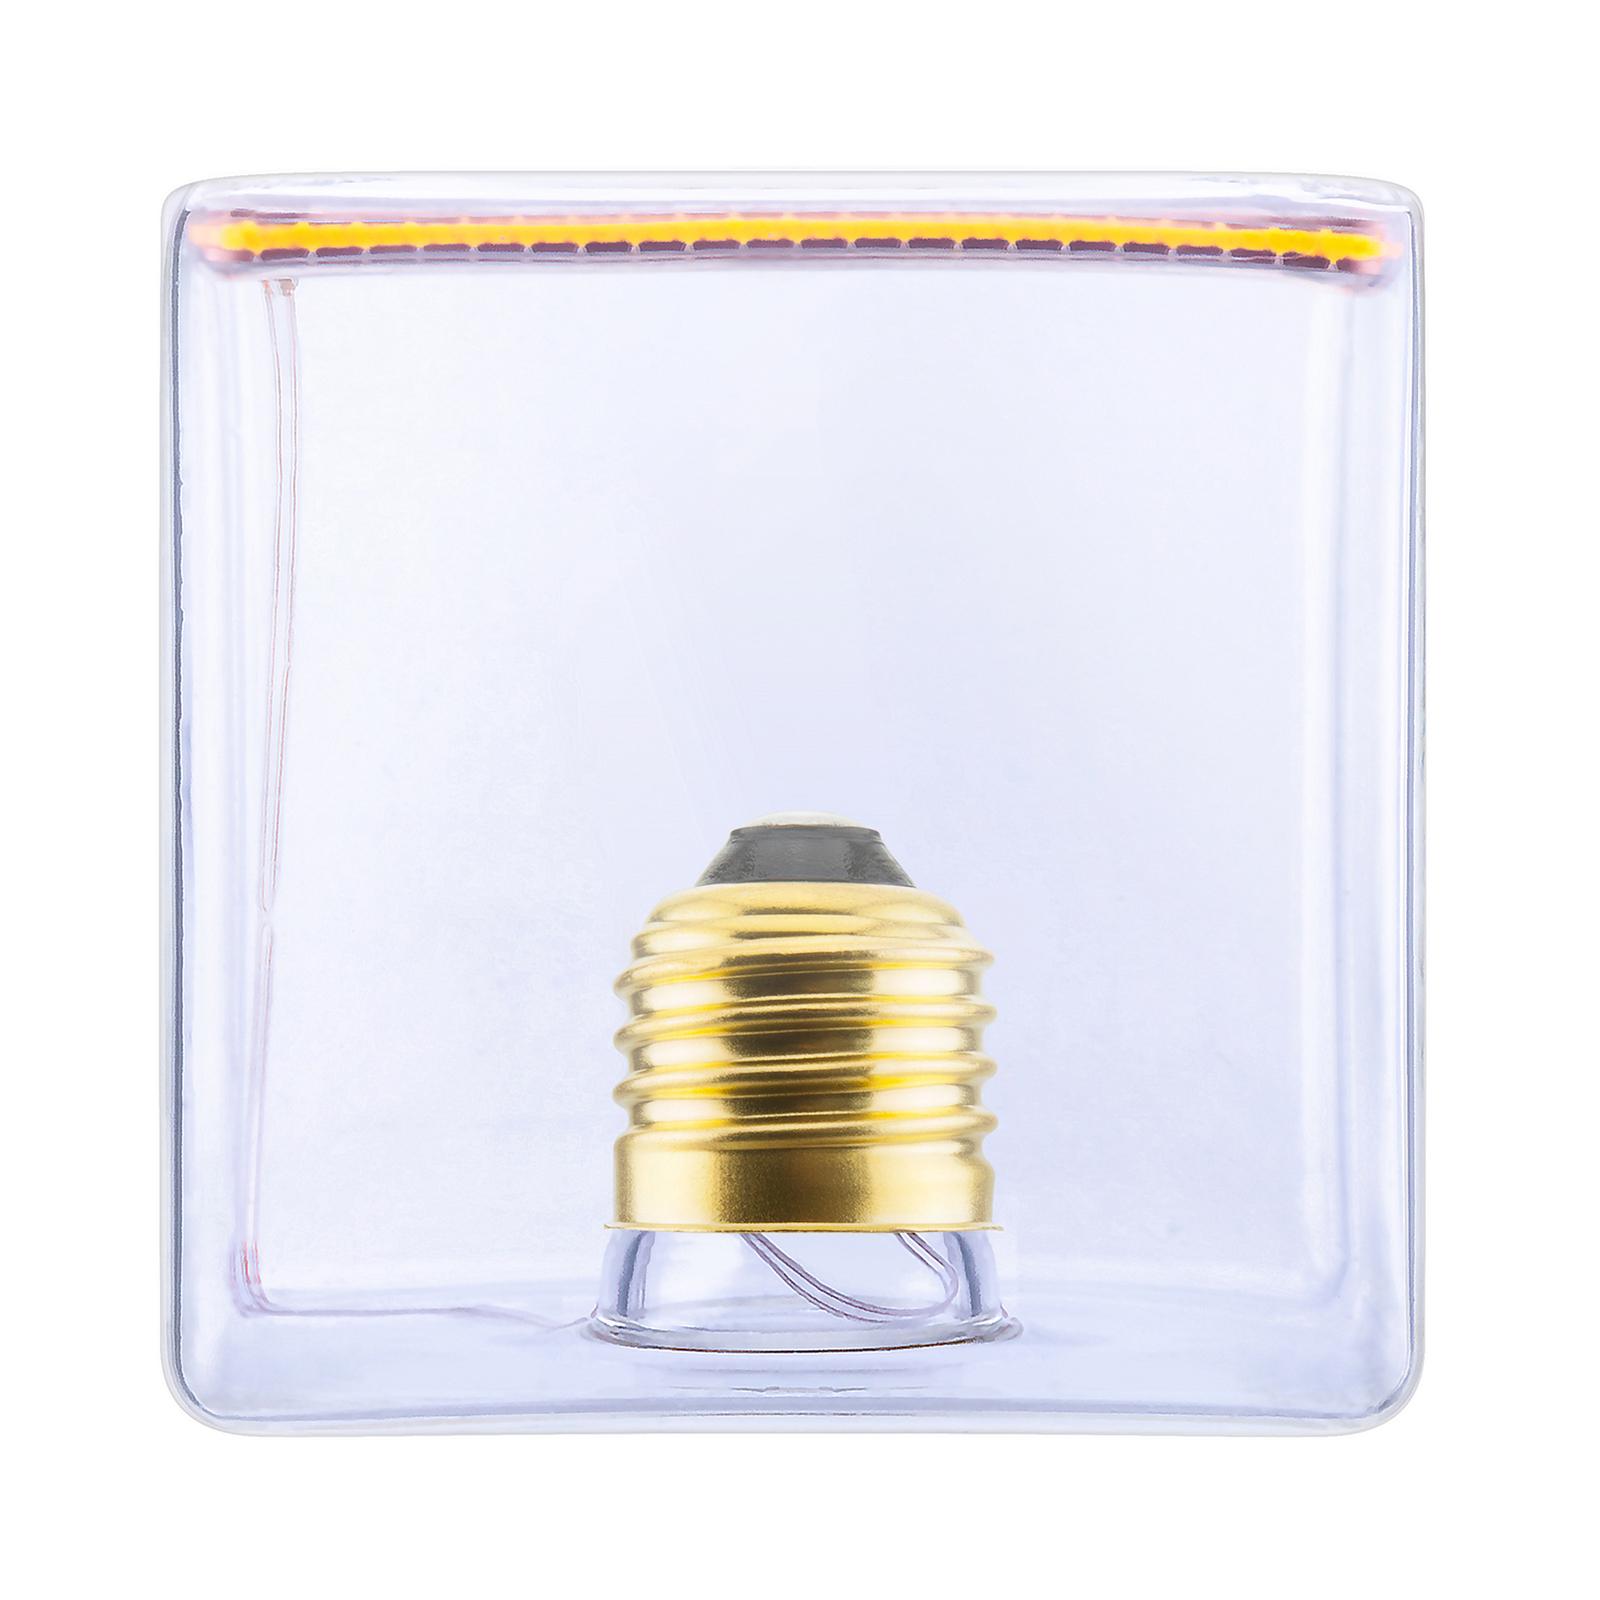 SEGULA LED-Floating-Cube 86 E27 8W kirkas inside